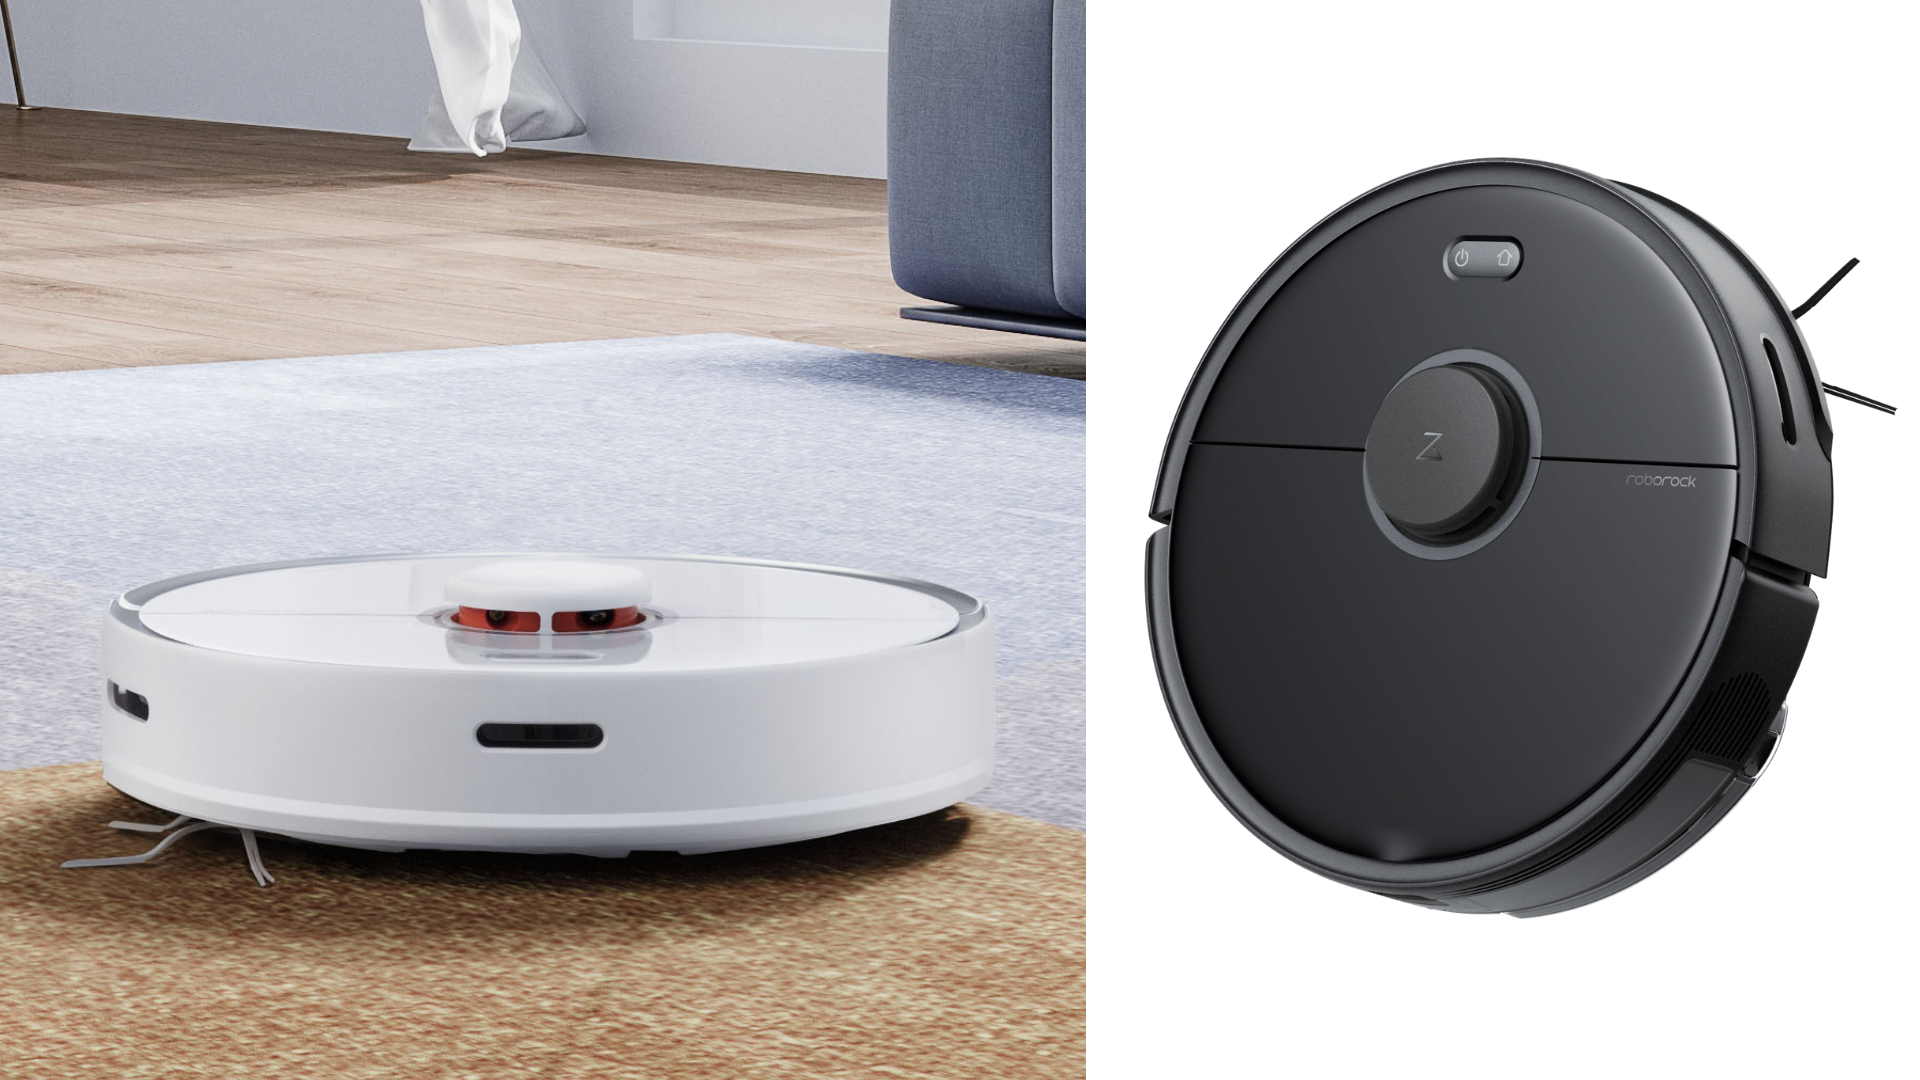 Roborock robot vacuums